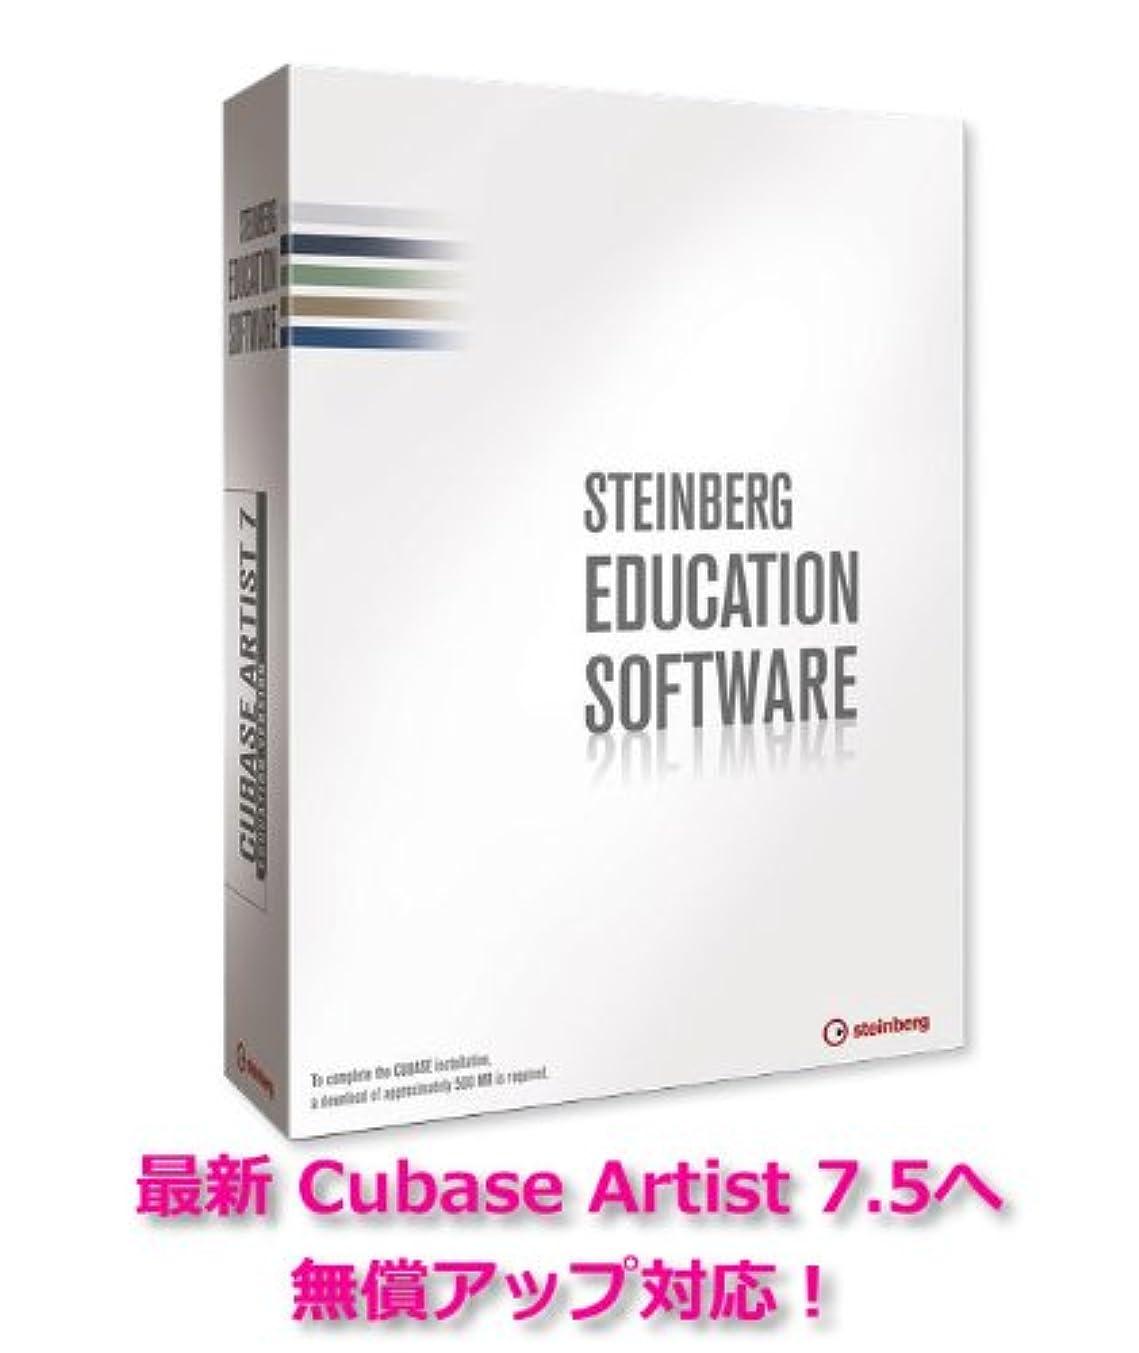 並行輸入品◆Steinberg CUBASE Artist 7 アカデミック日本語対応◆Ver.7.5特無償アップデート版